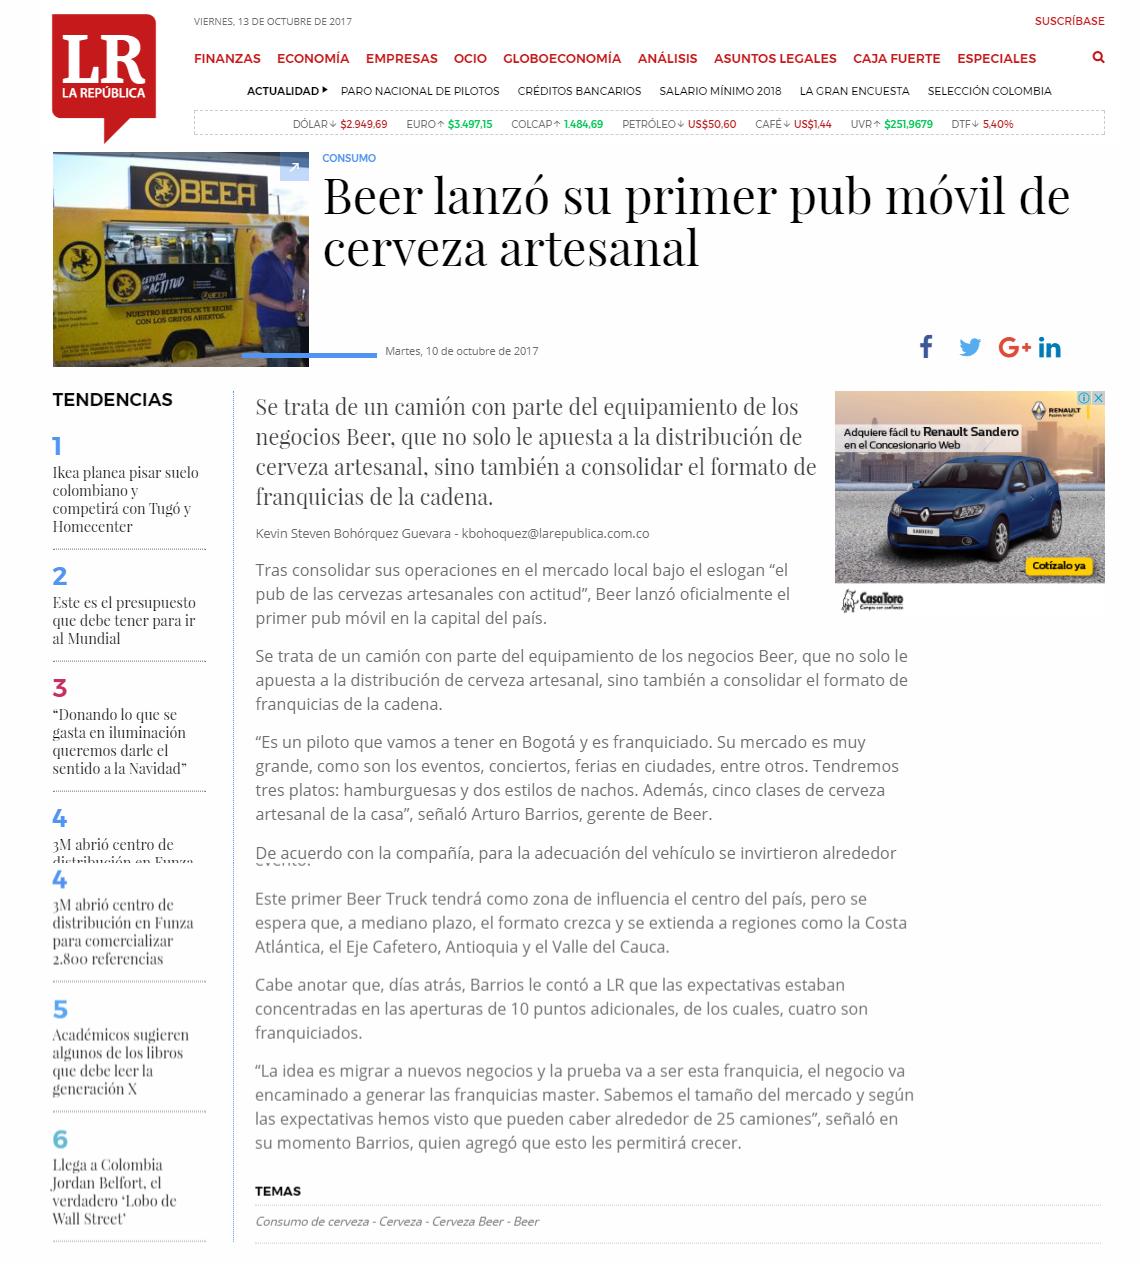 Beer lanzó su primer pub móvil de cerveza artesanal